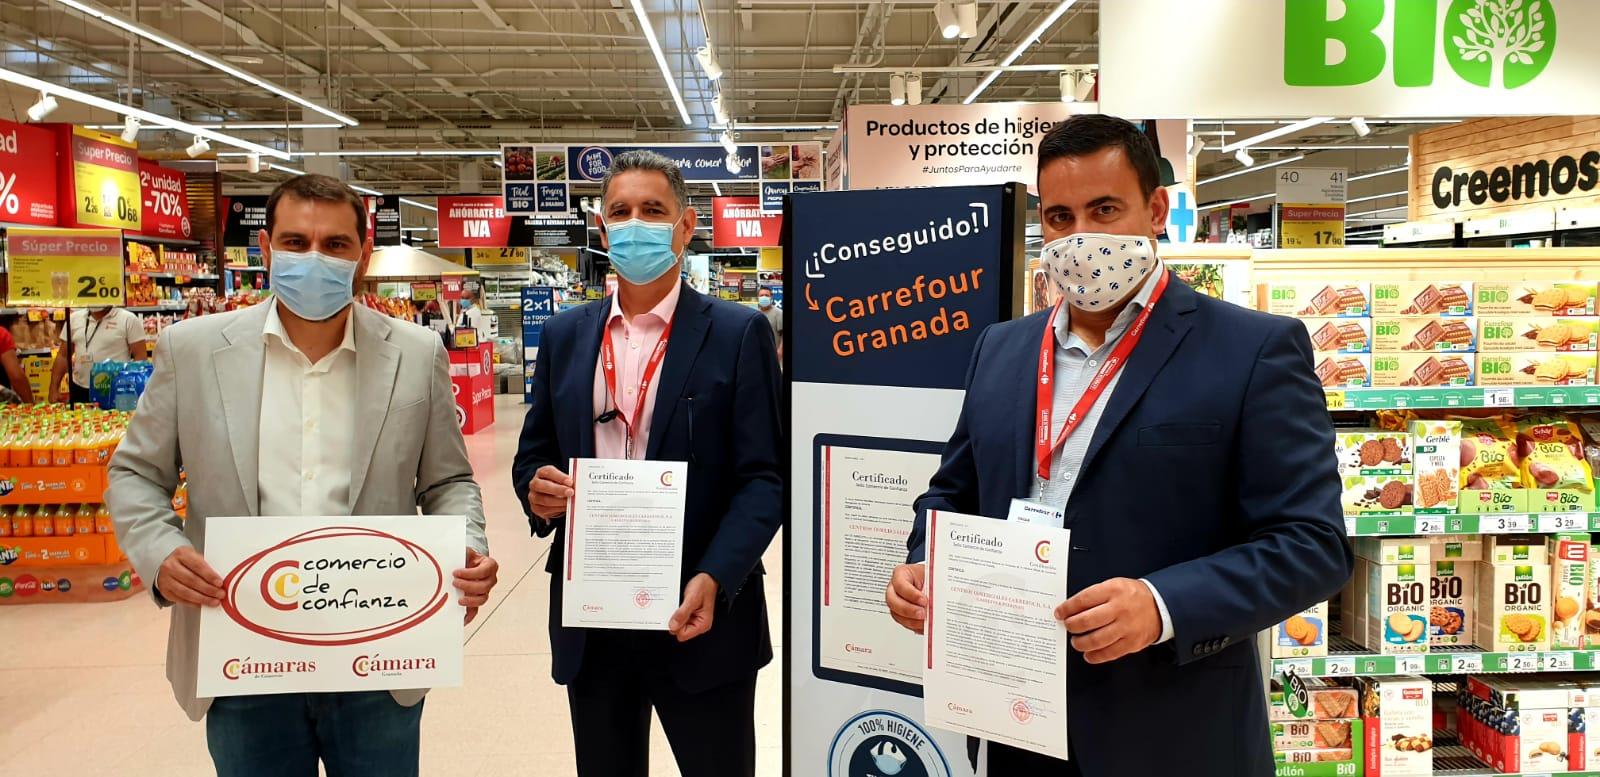 Carrefour obtiene el Sello de Comercio de Confianza de Cámara Granada